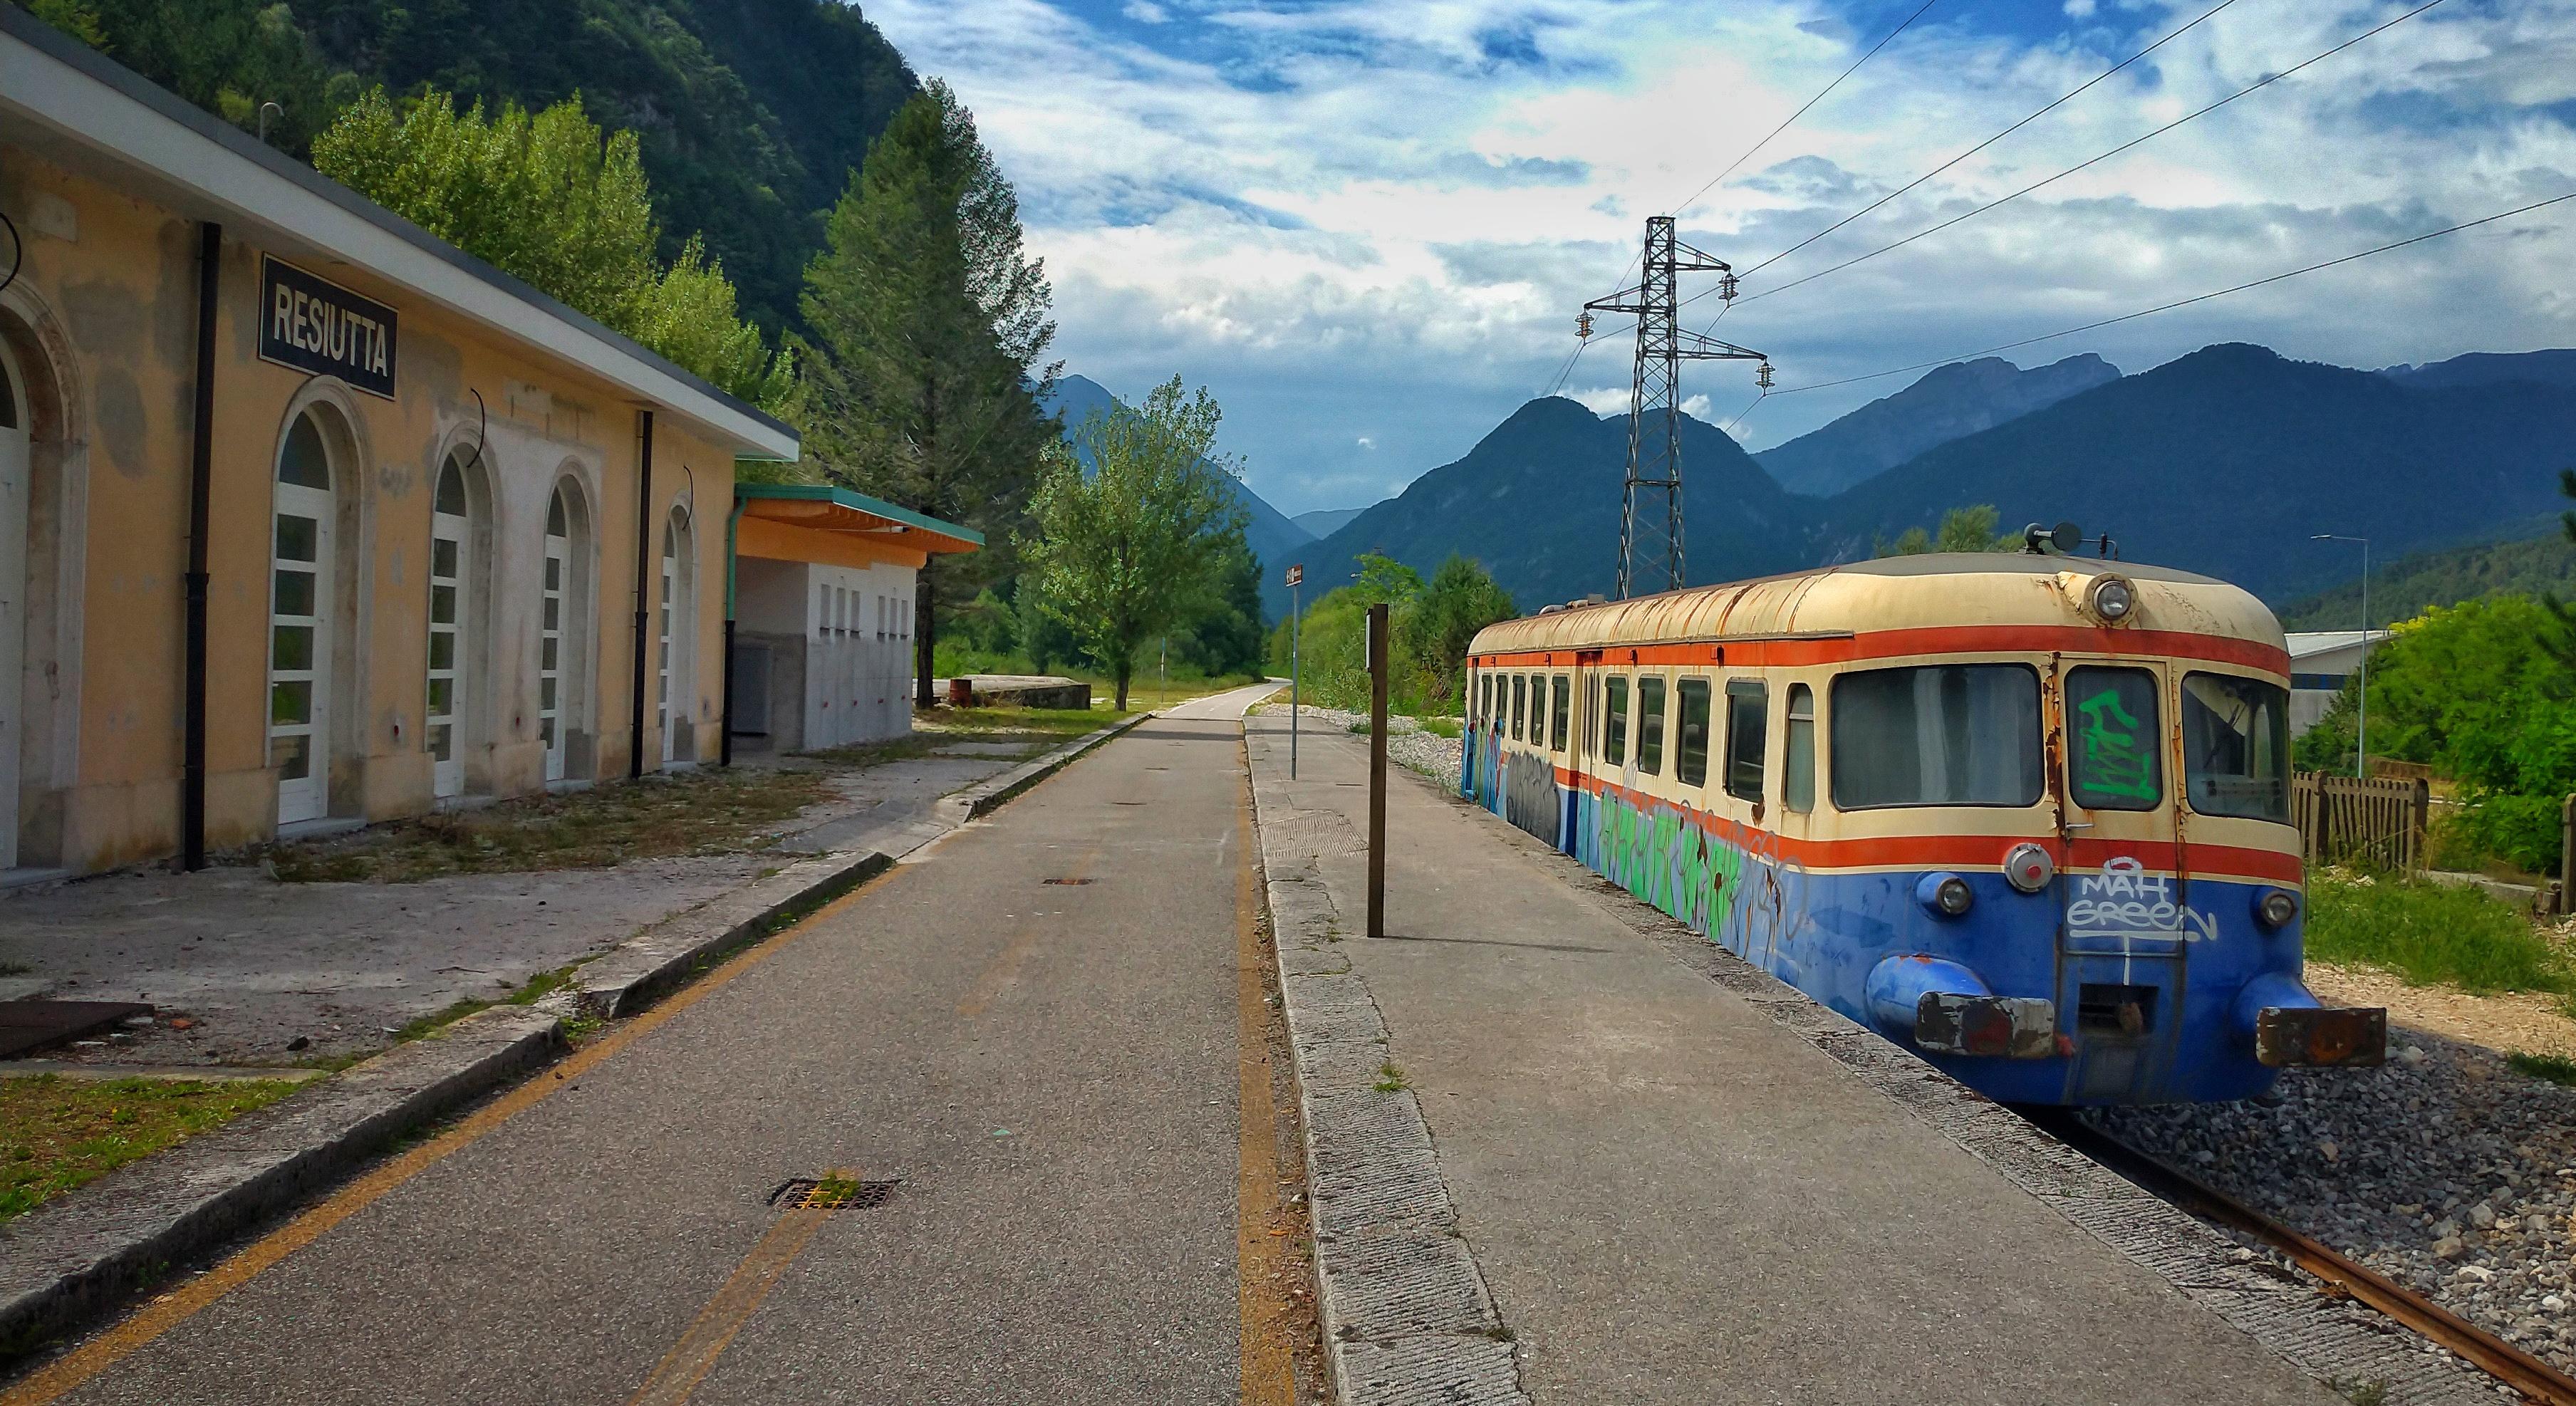 ciclovia alpe adria radweg a fianco del tracciato ferroviario